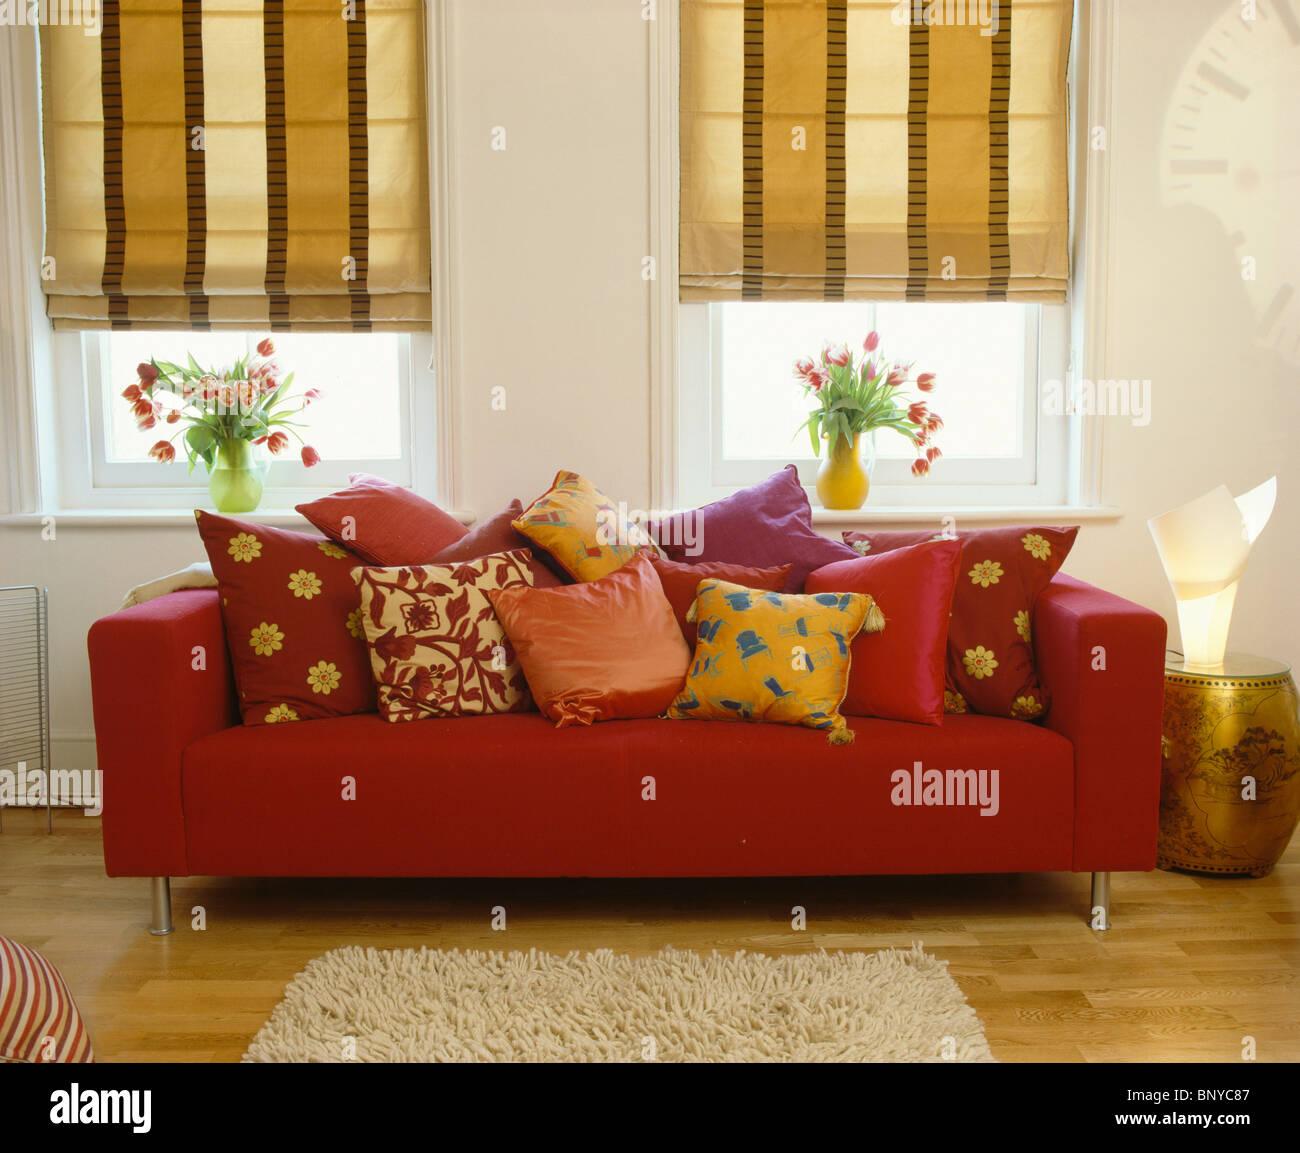 Cuscini Per Divano Rosso.Ampia Strisce Beige Persiane Delle Finestre Sopra Divano Rosso